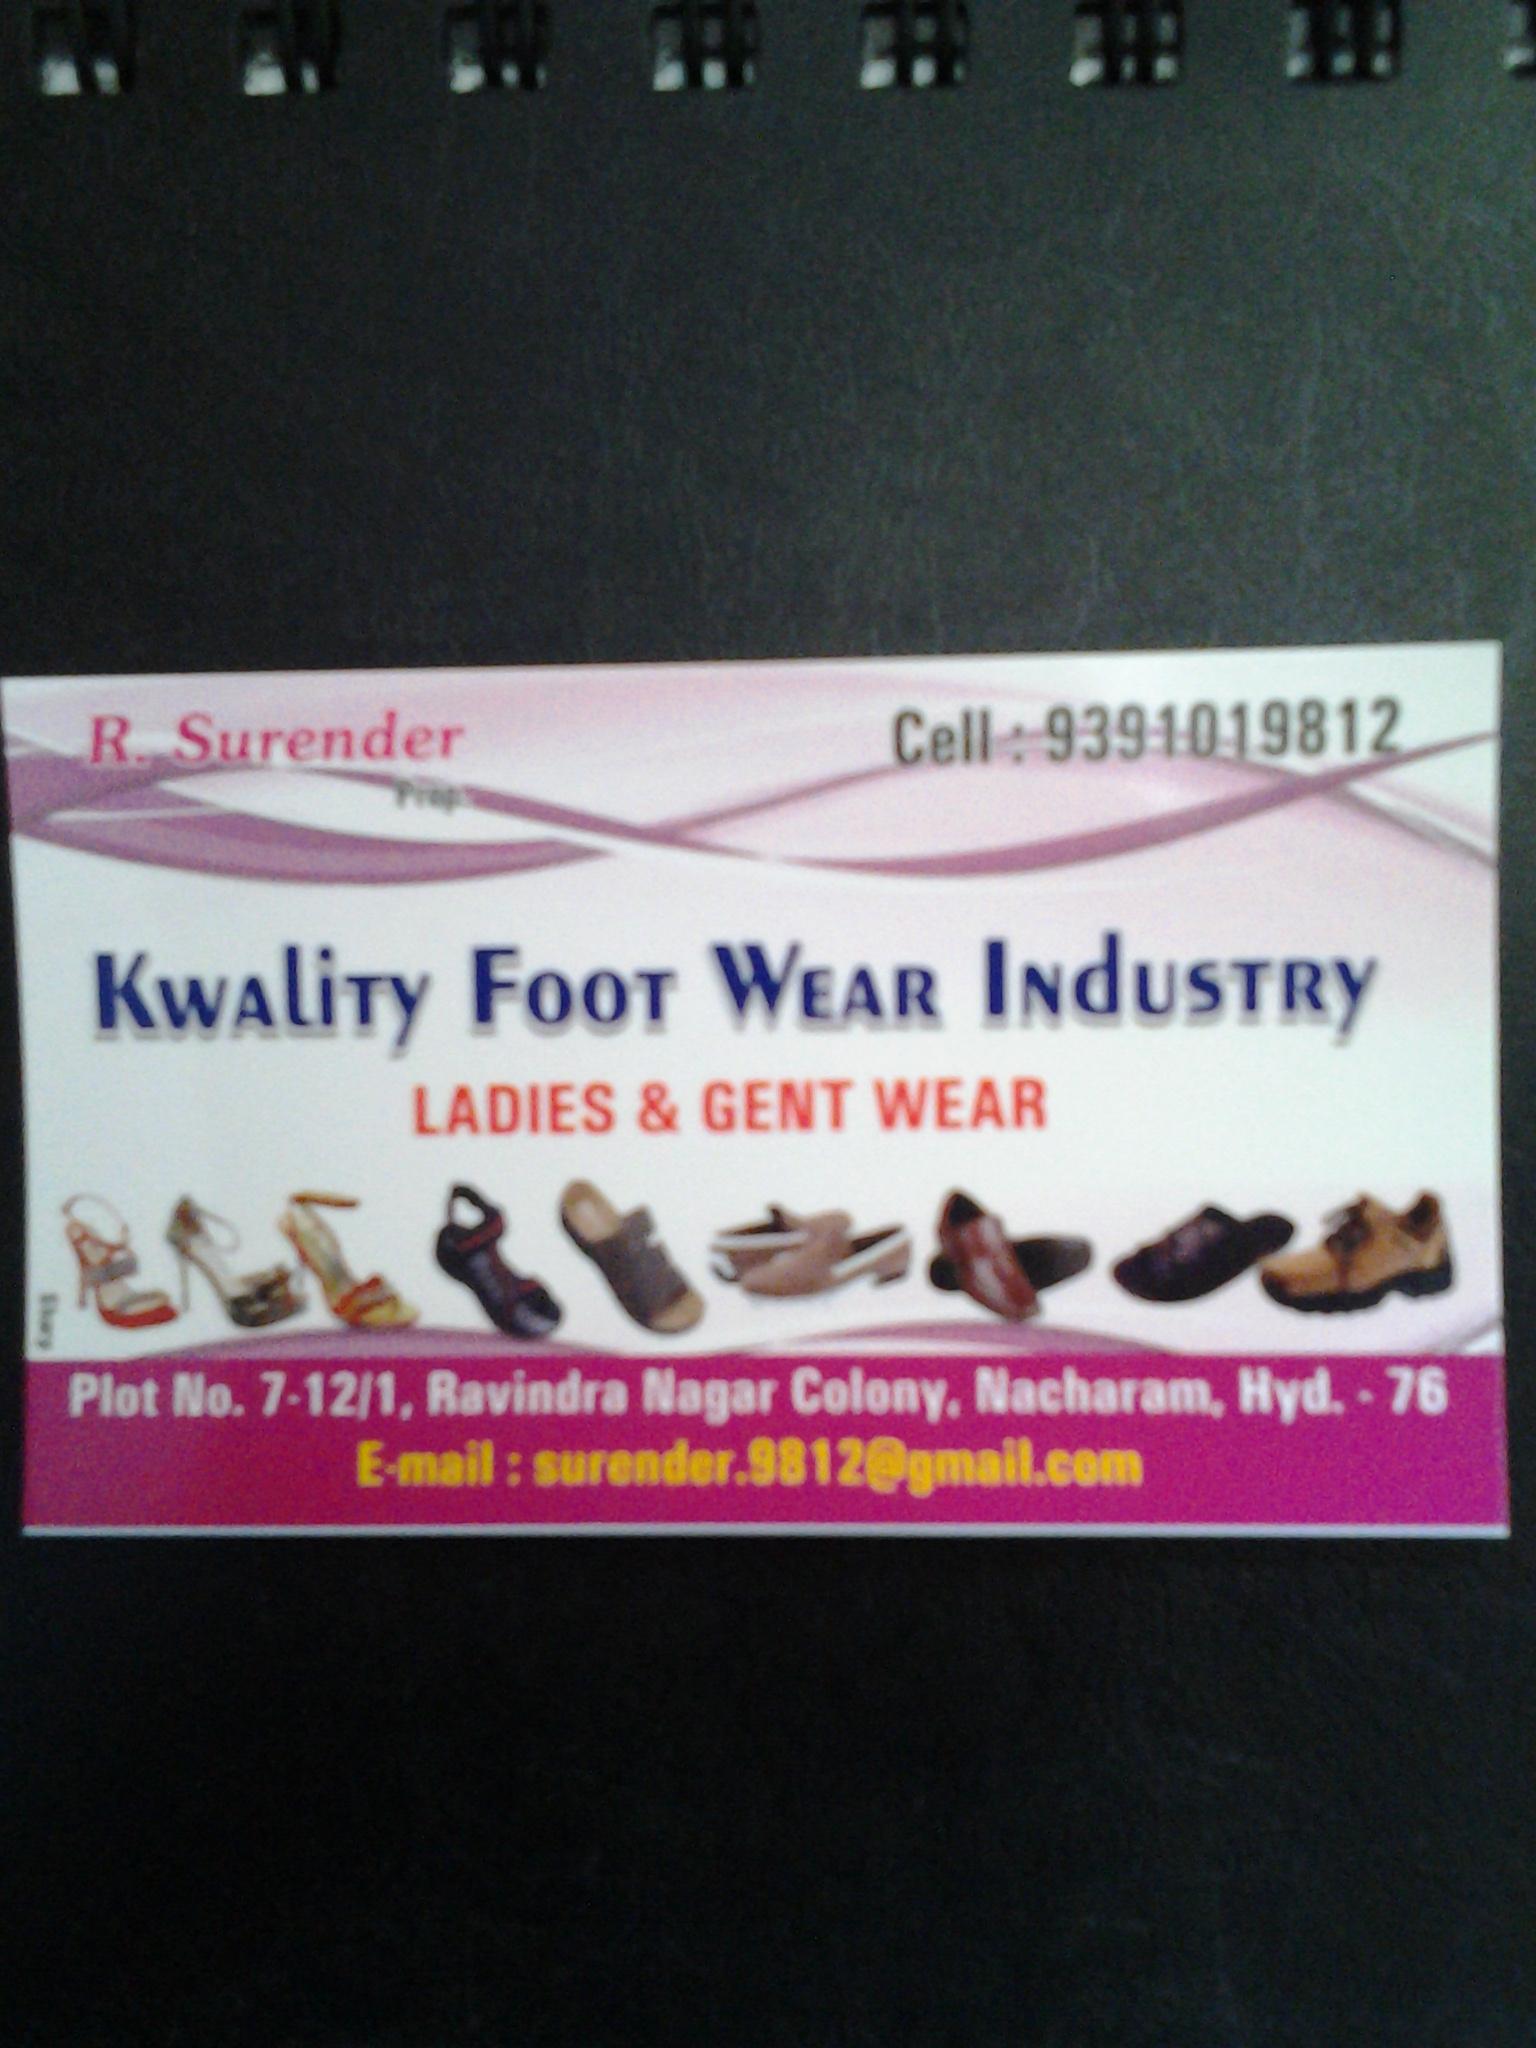 KWALITY FOOT WEAR INDUSTRY